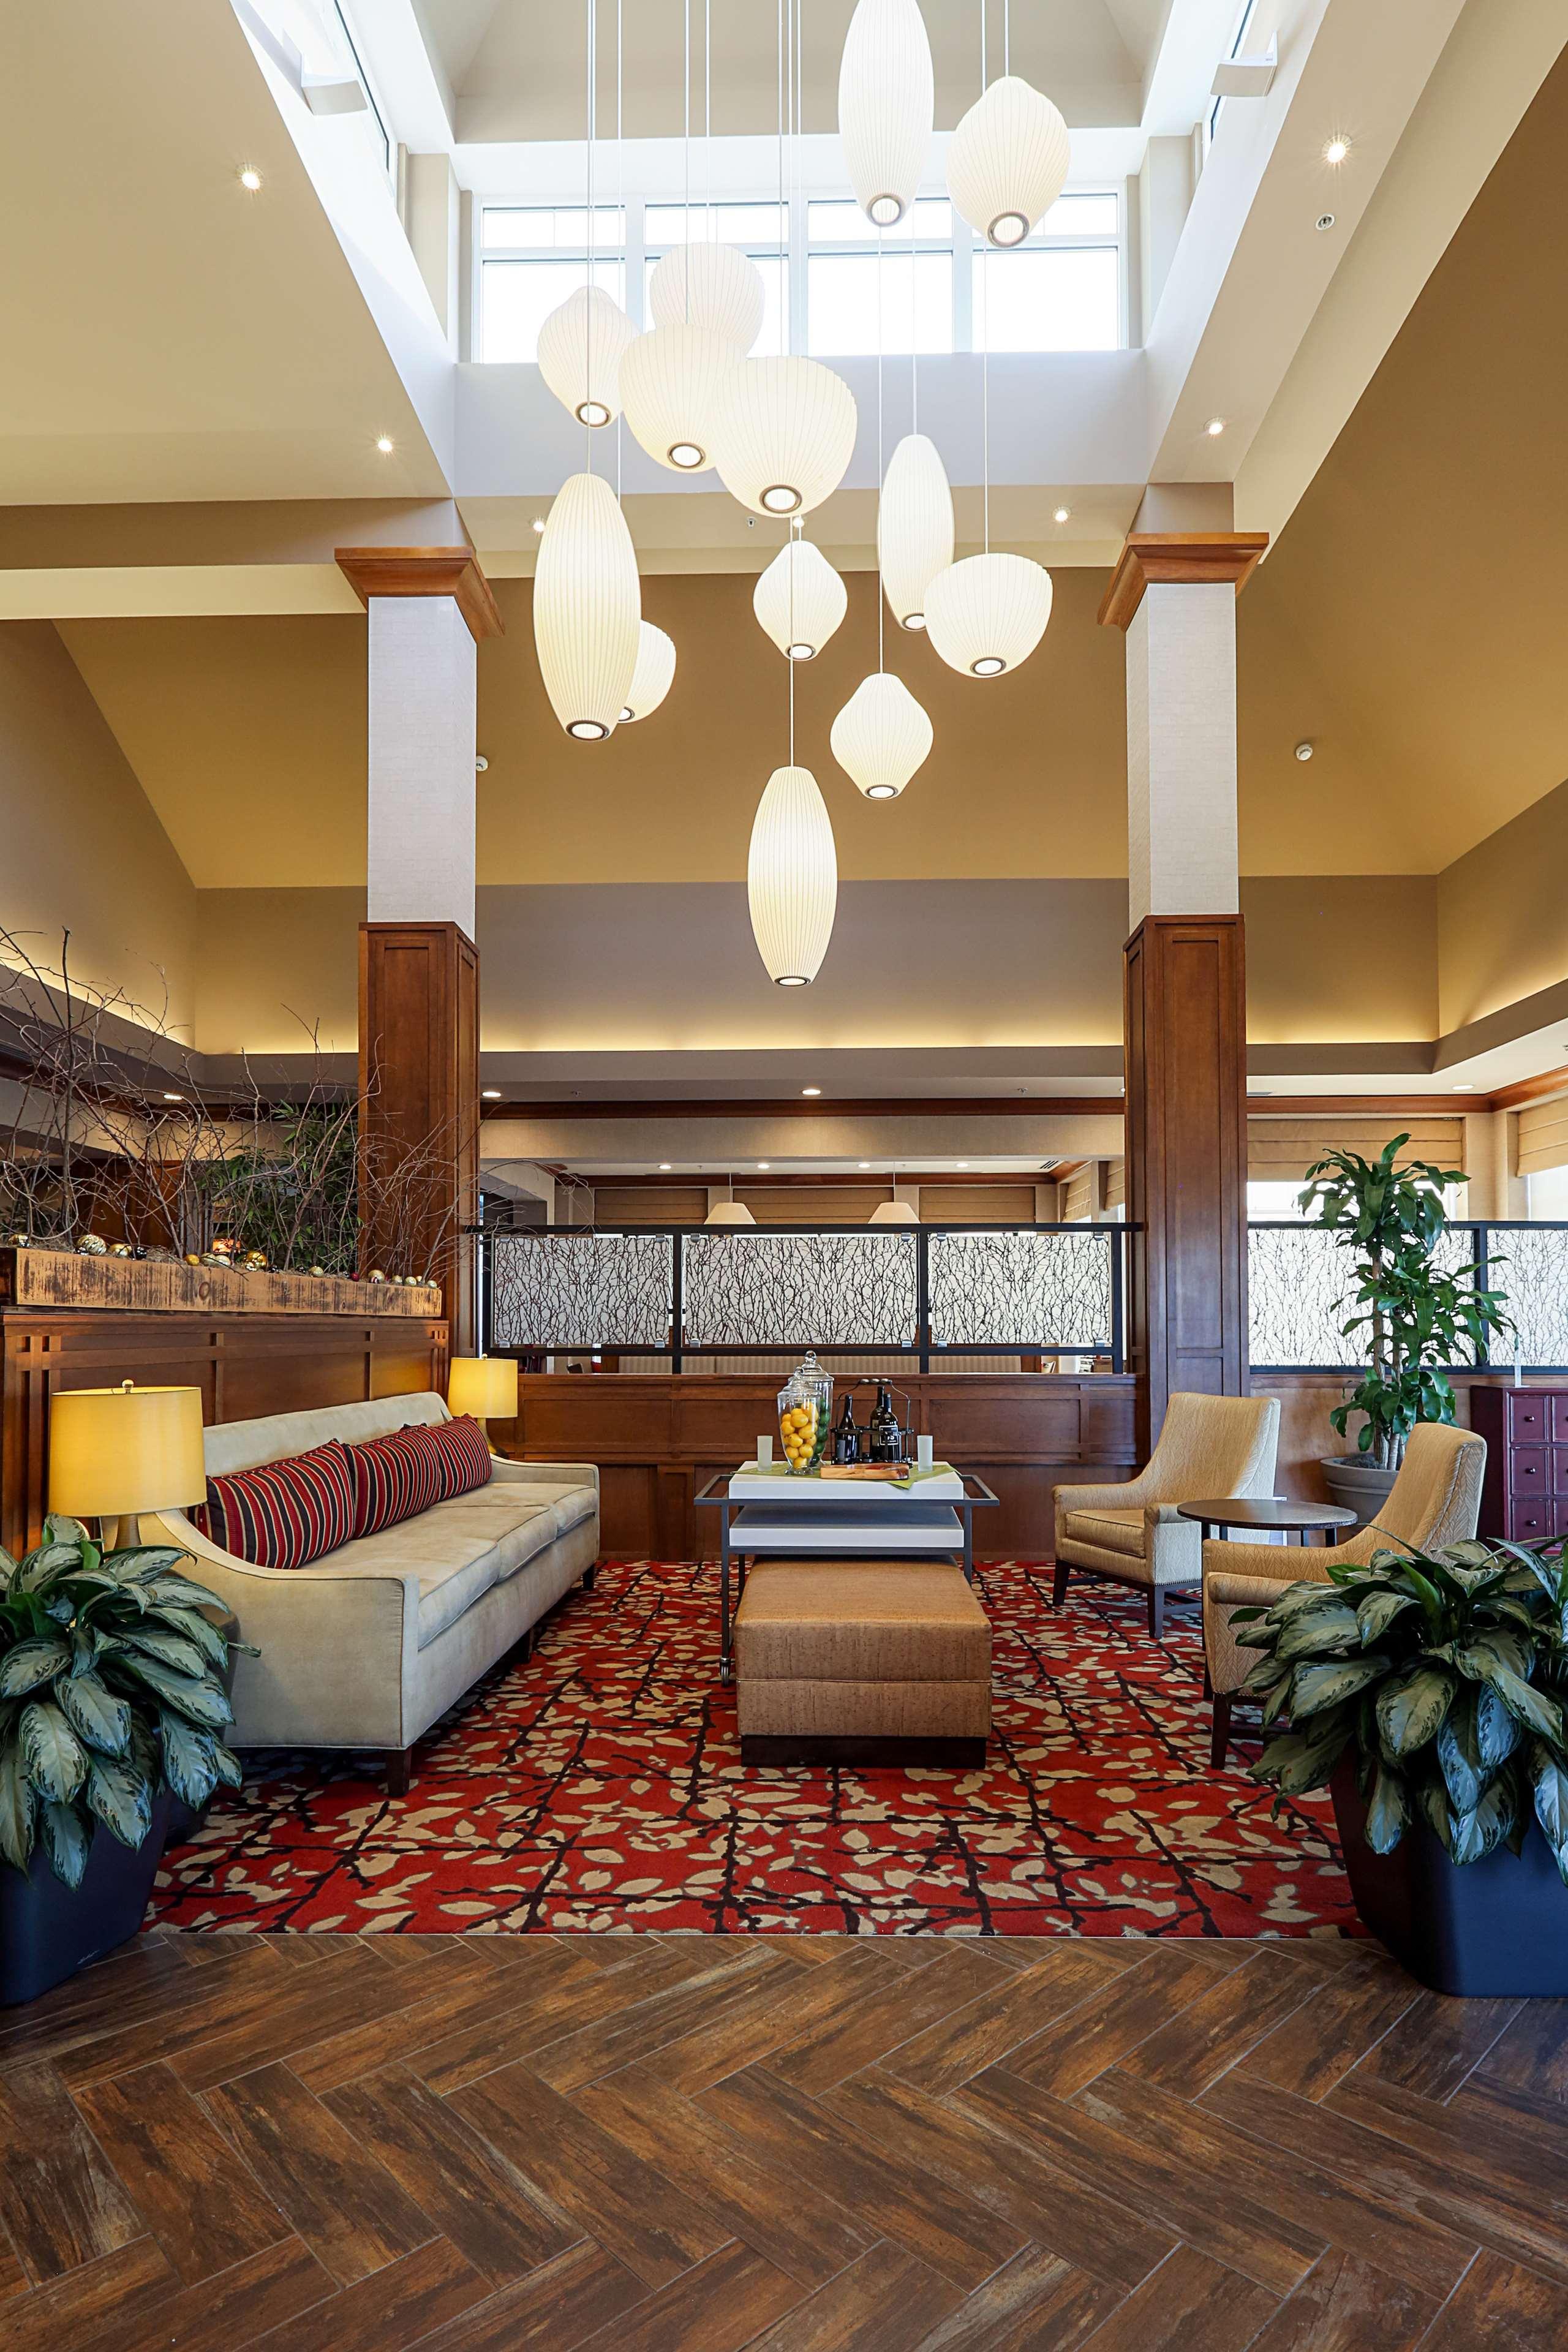 Hilton Garden Inn Clifton Park image 4